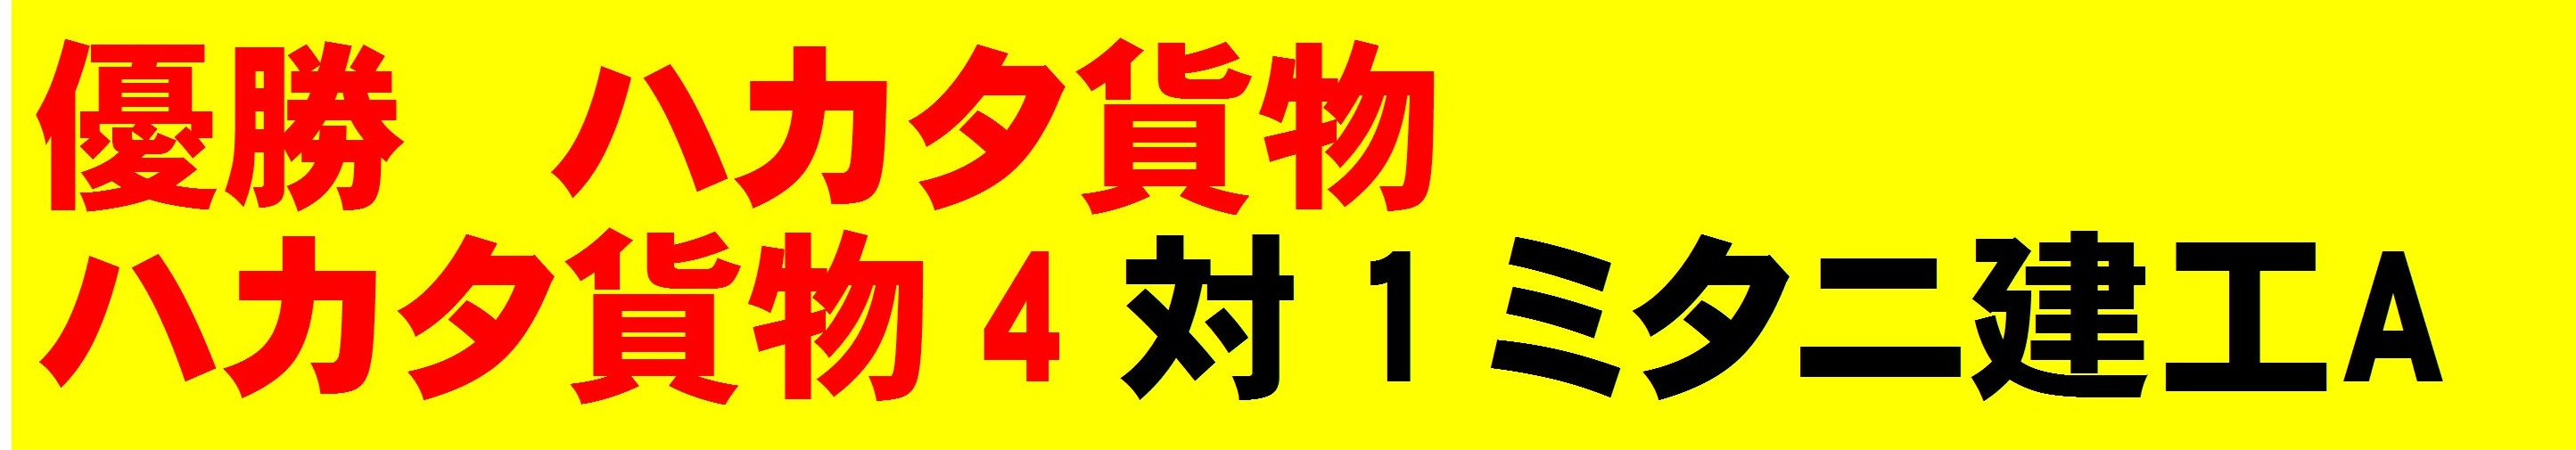 素材-208 - コピー